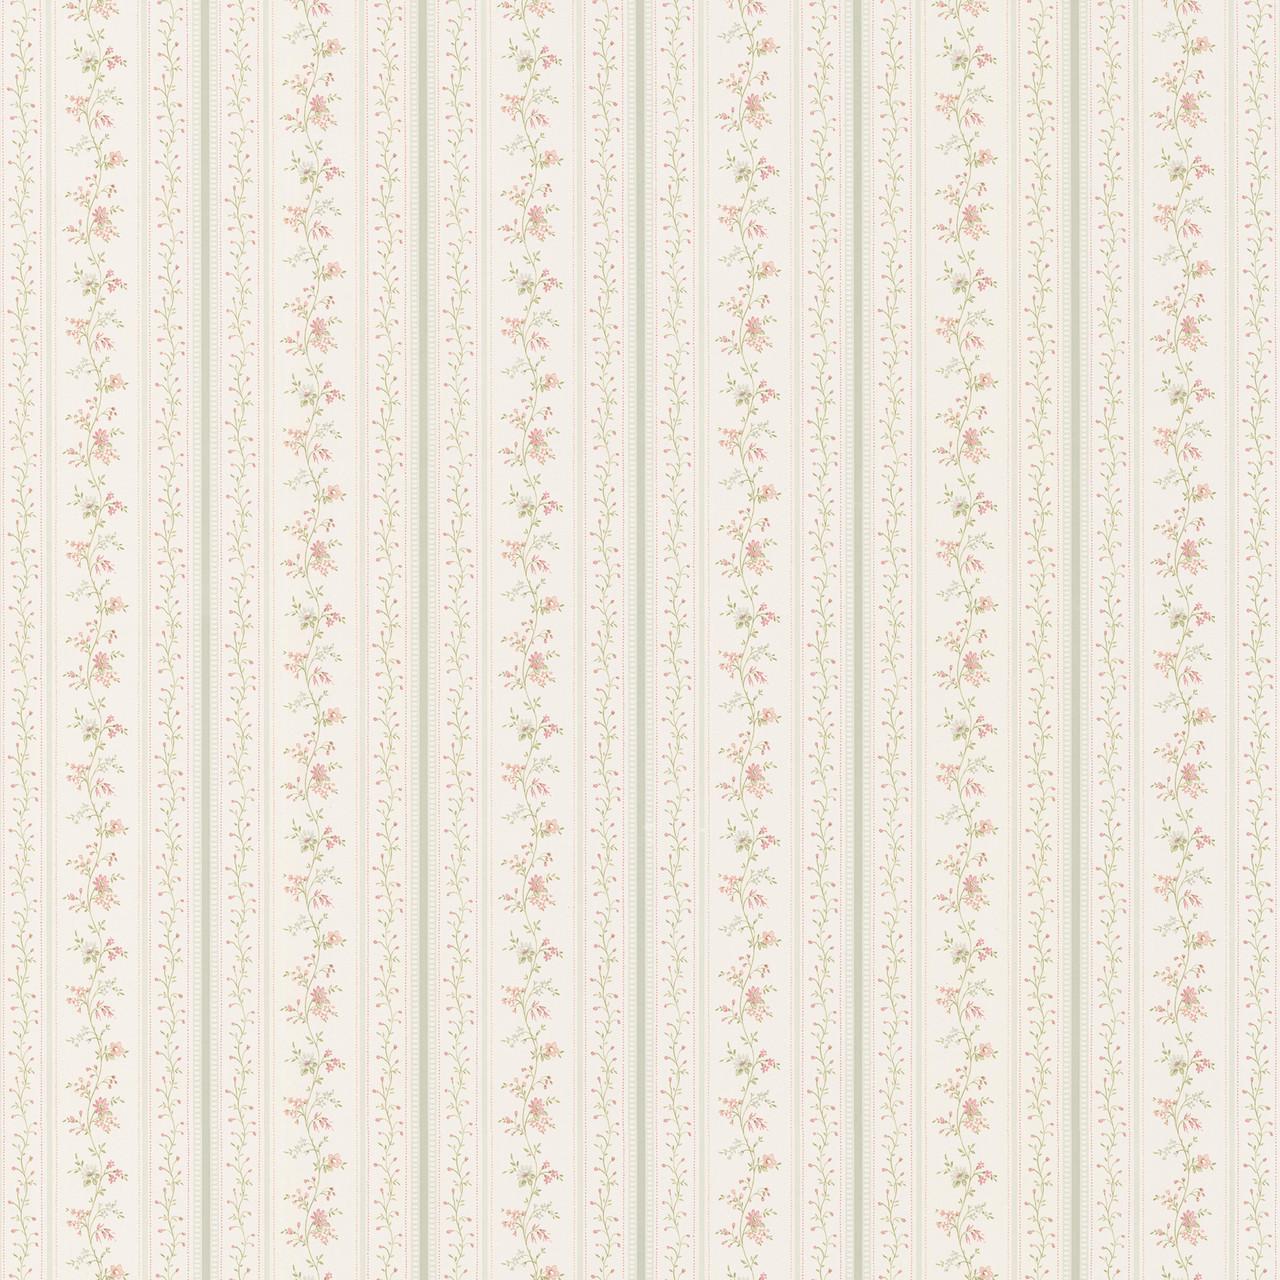 436 66332 Marta Green Dainty Floral Stripe Wallpaper